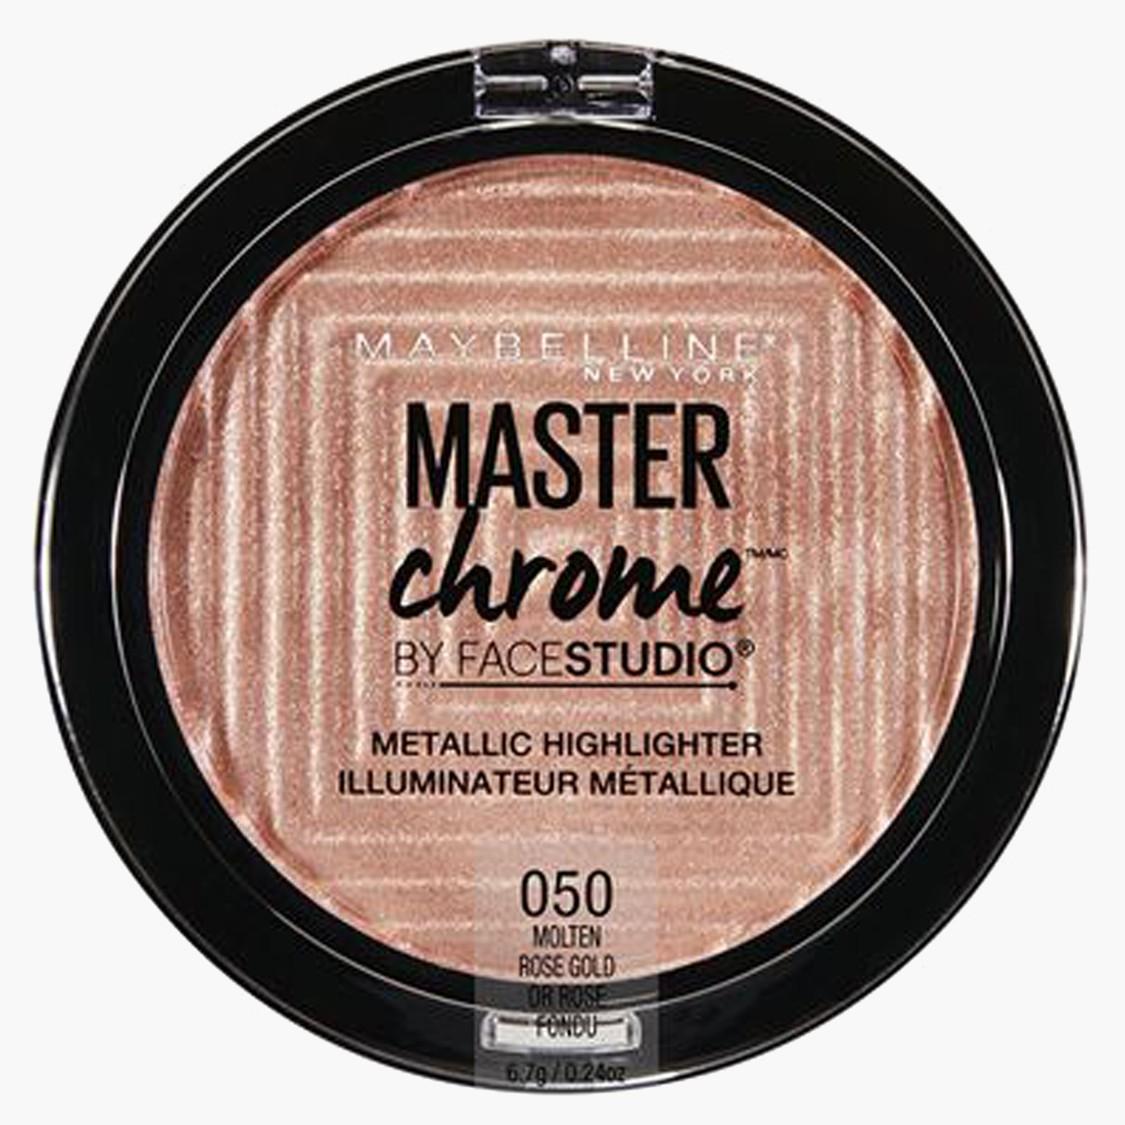 Maybelline New York Master Chrome Metallic Highlighter - 46 g